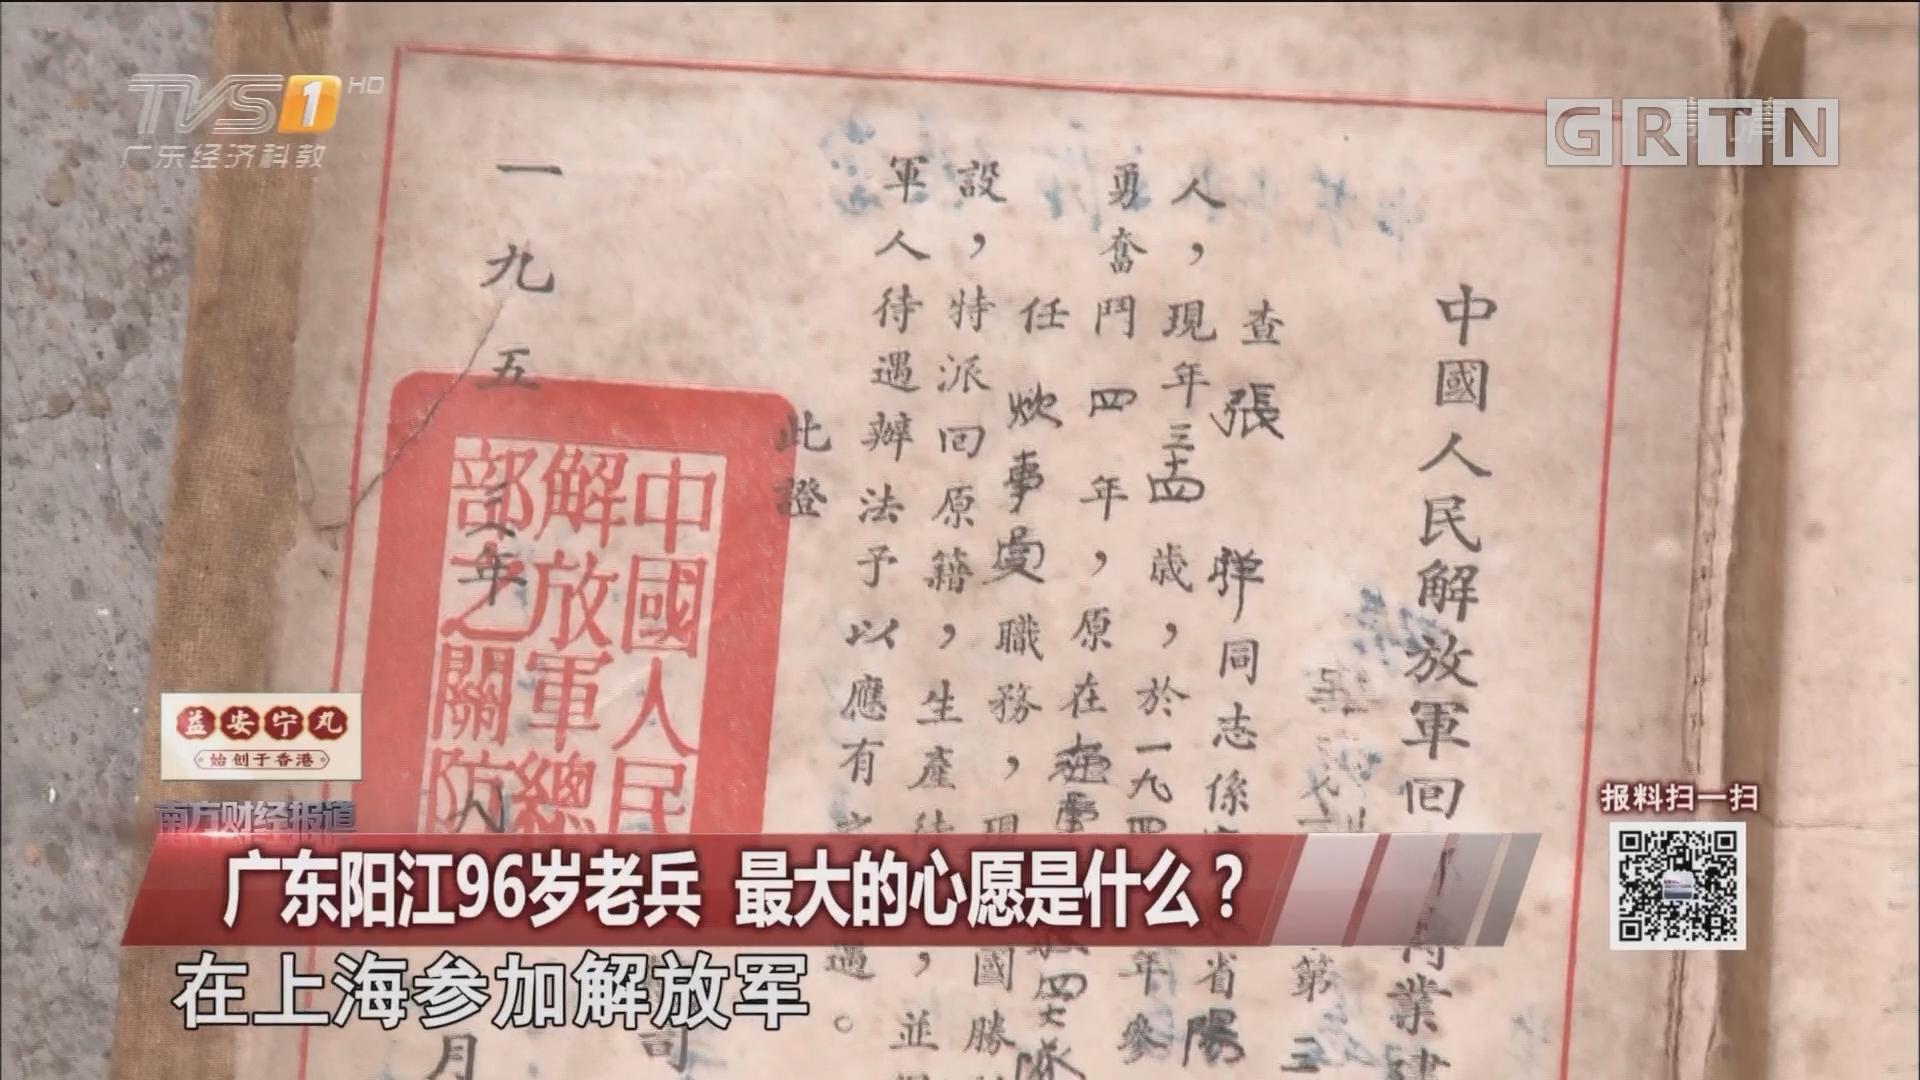 广东阳江96岁老兵 最大的心愿是什么?